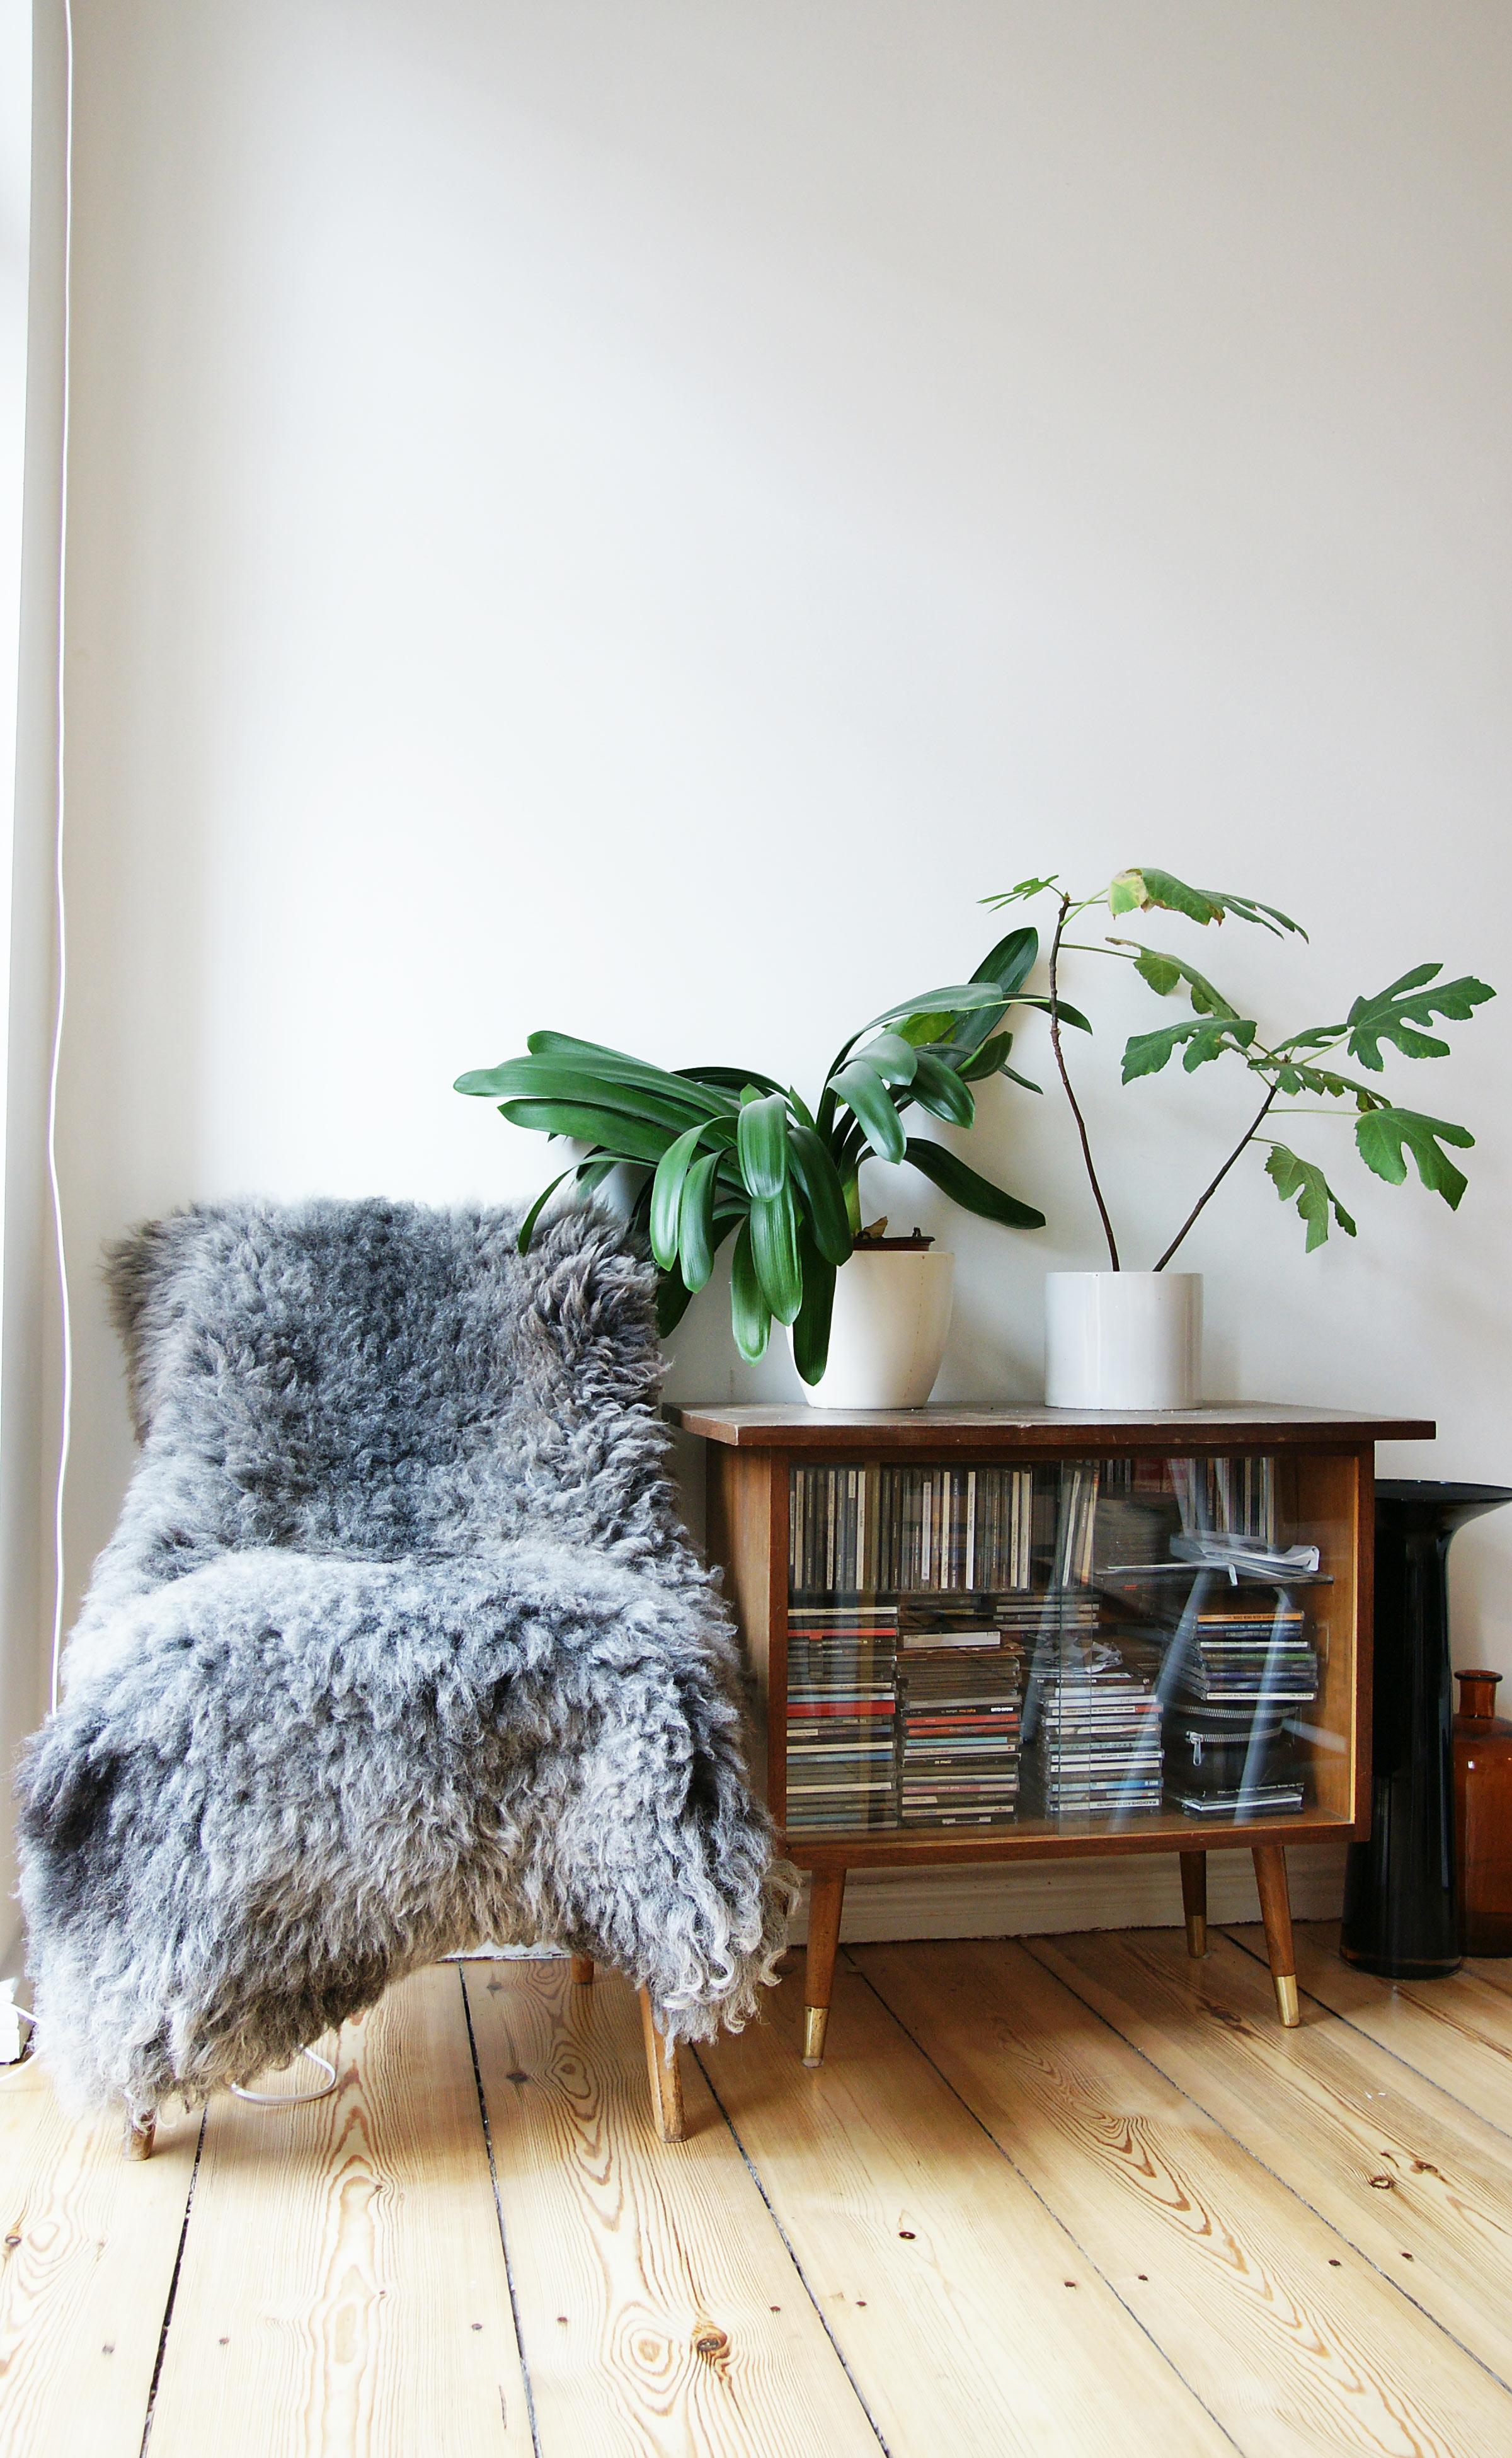 Skandinavisches Interior von Designerin Ulli Zelle